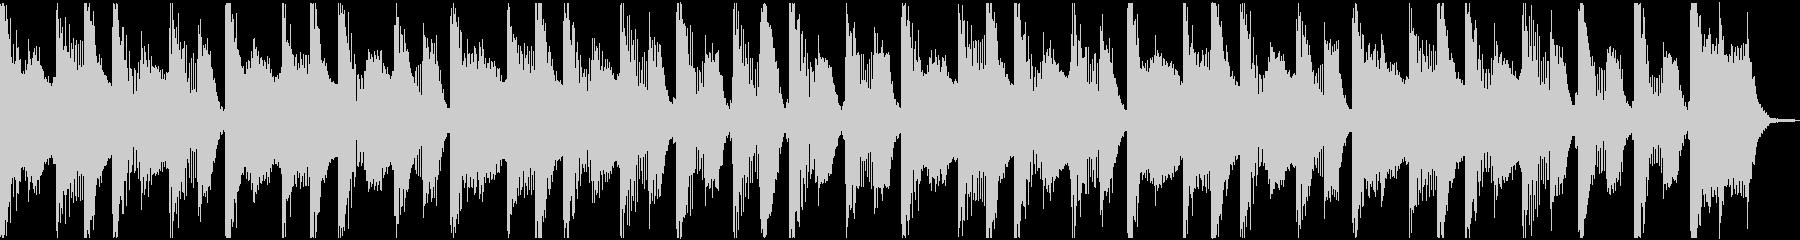 犬・猫・子供のバタバタシンセループの未再生の波形